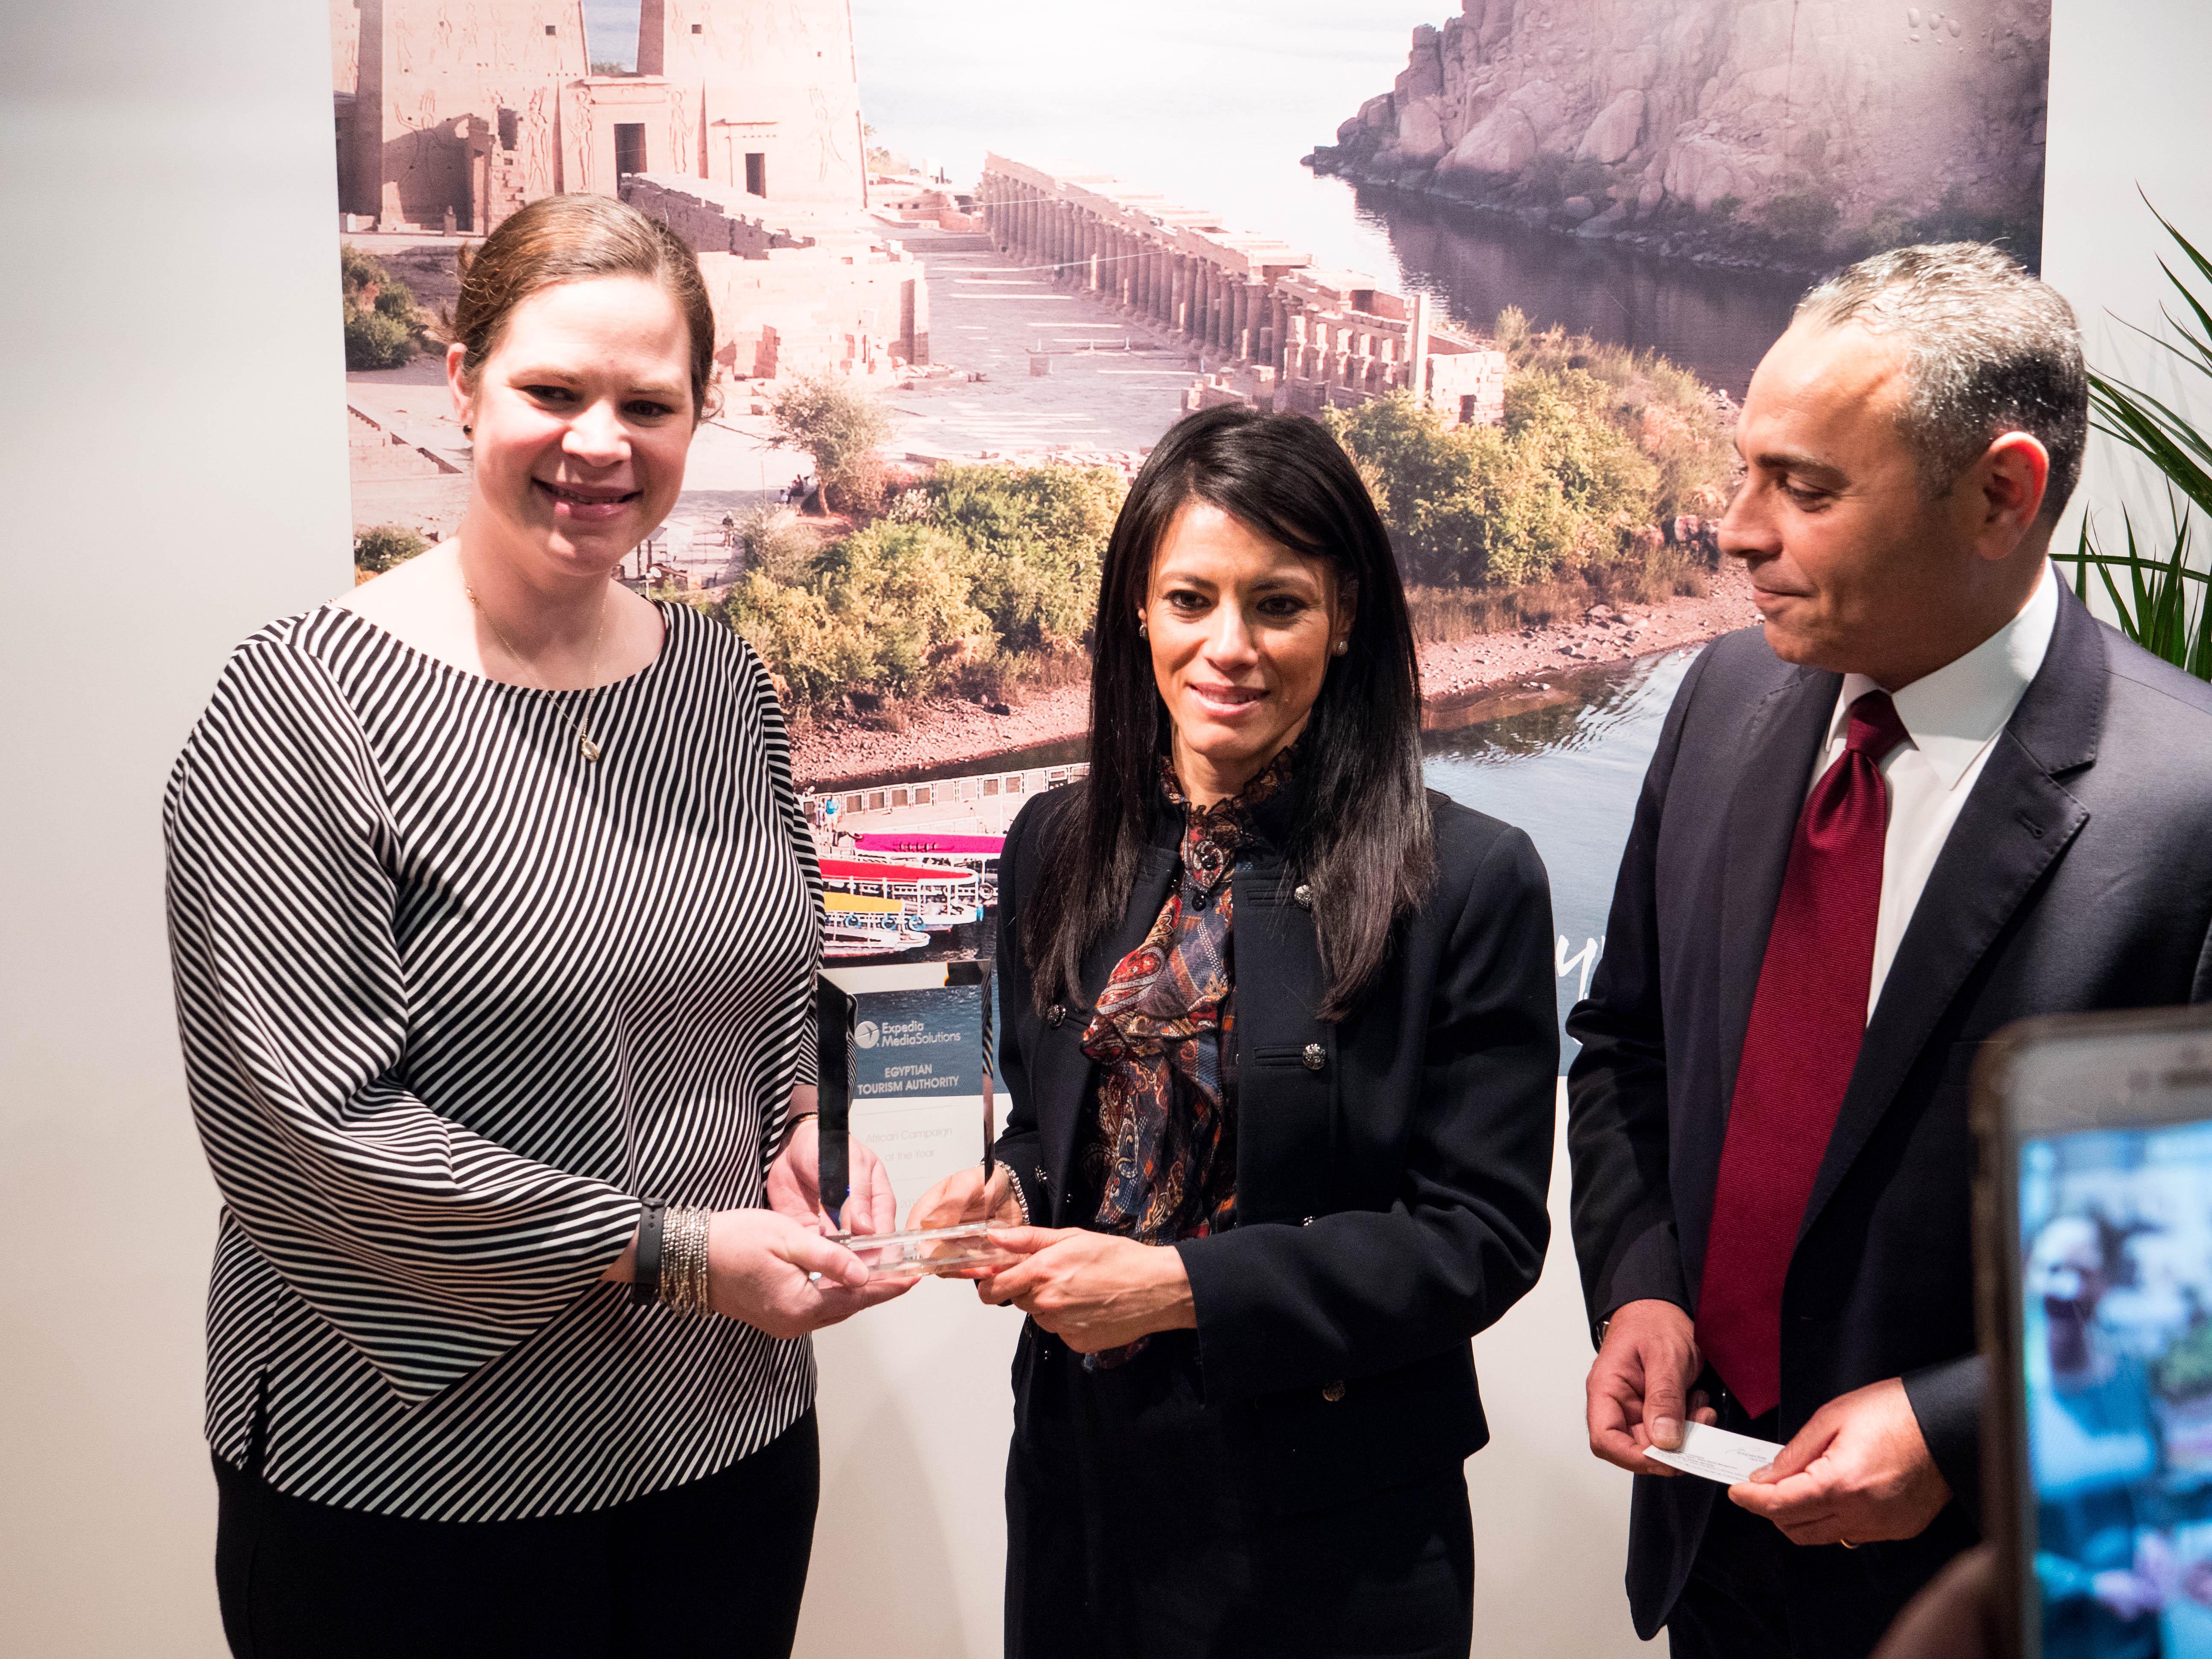 رانيا المشاط تتسلم جائزة أفضل حملة إعلانية رقمية فى أفريقيا لعام 2017